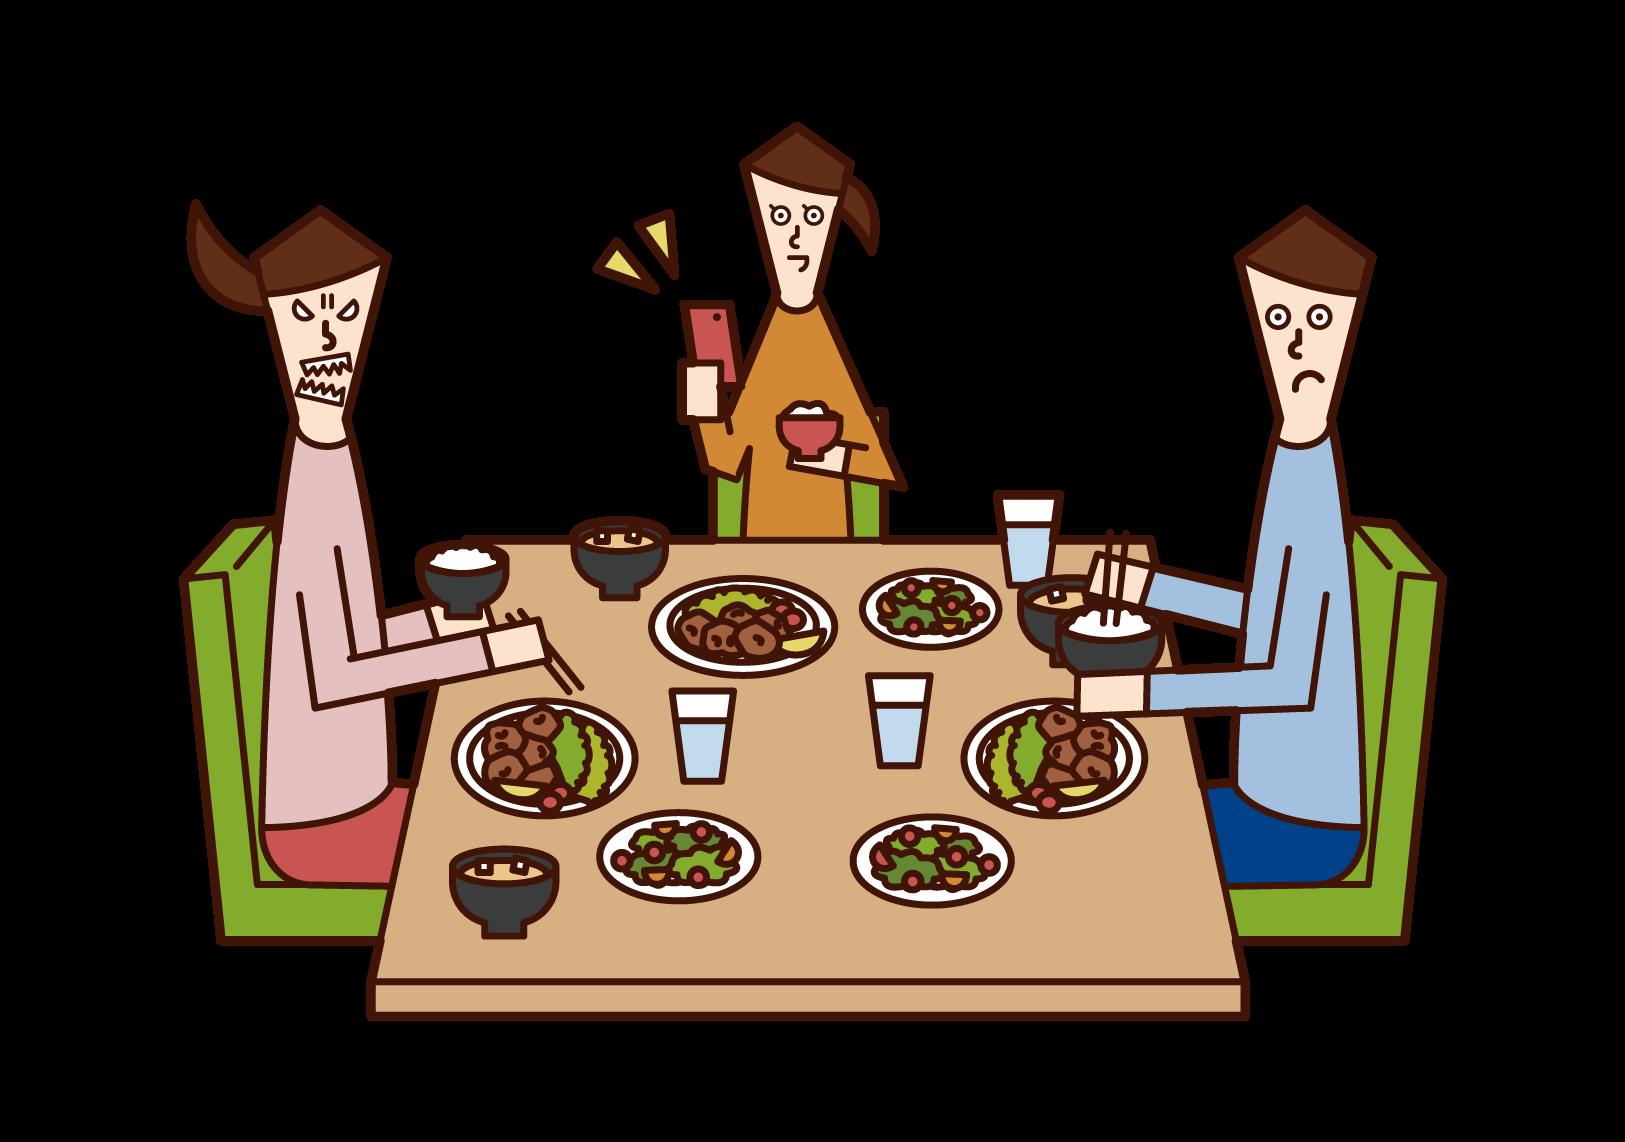 食事中にスマートフォンを使用する子供(女子)のイラスト